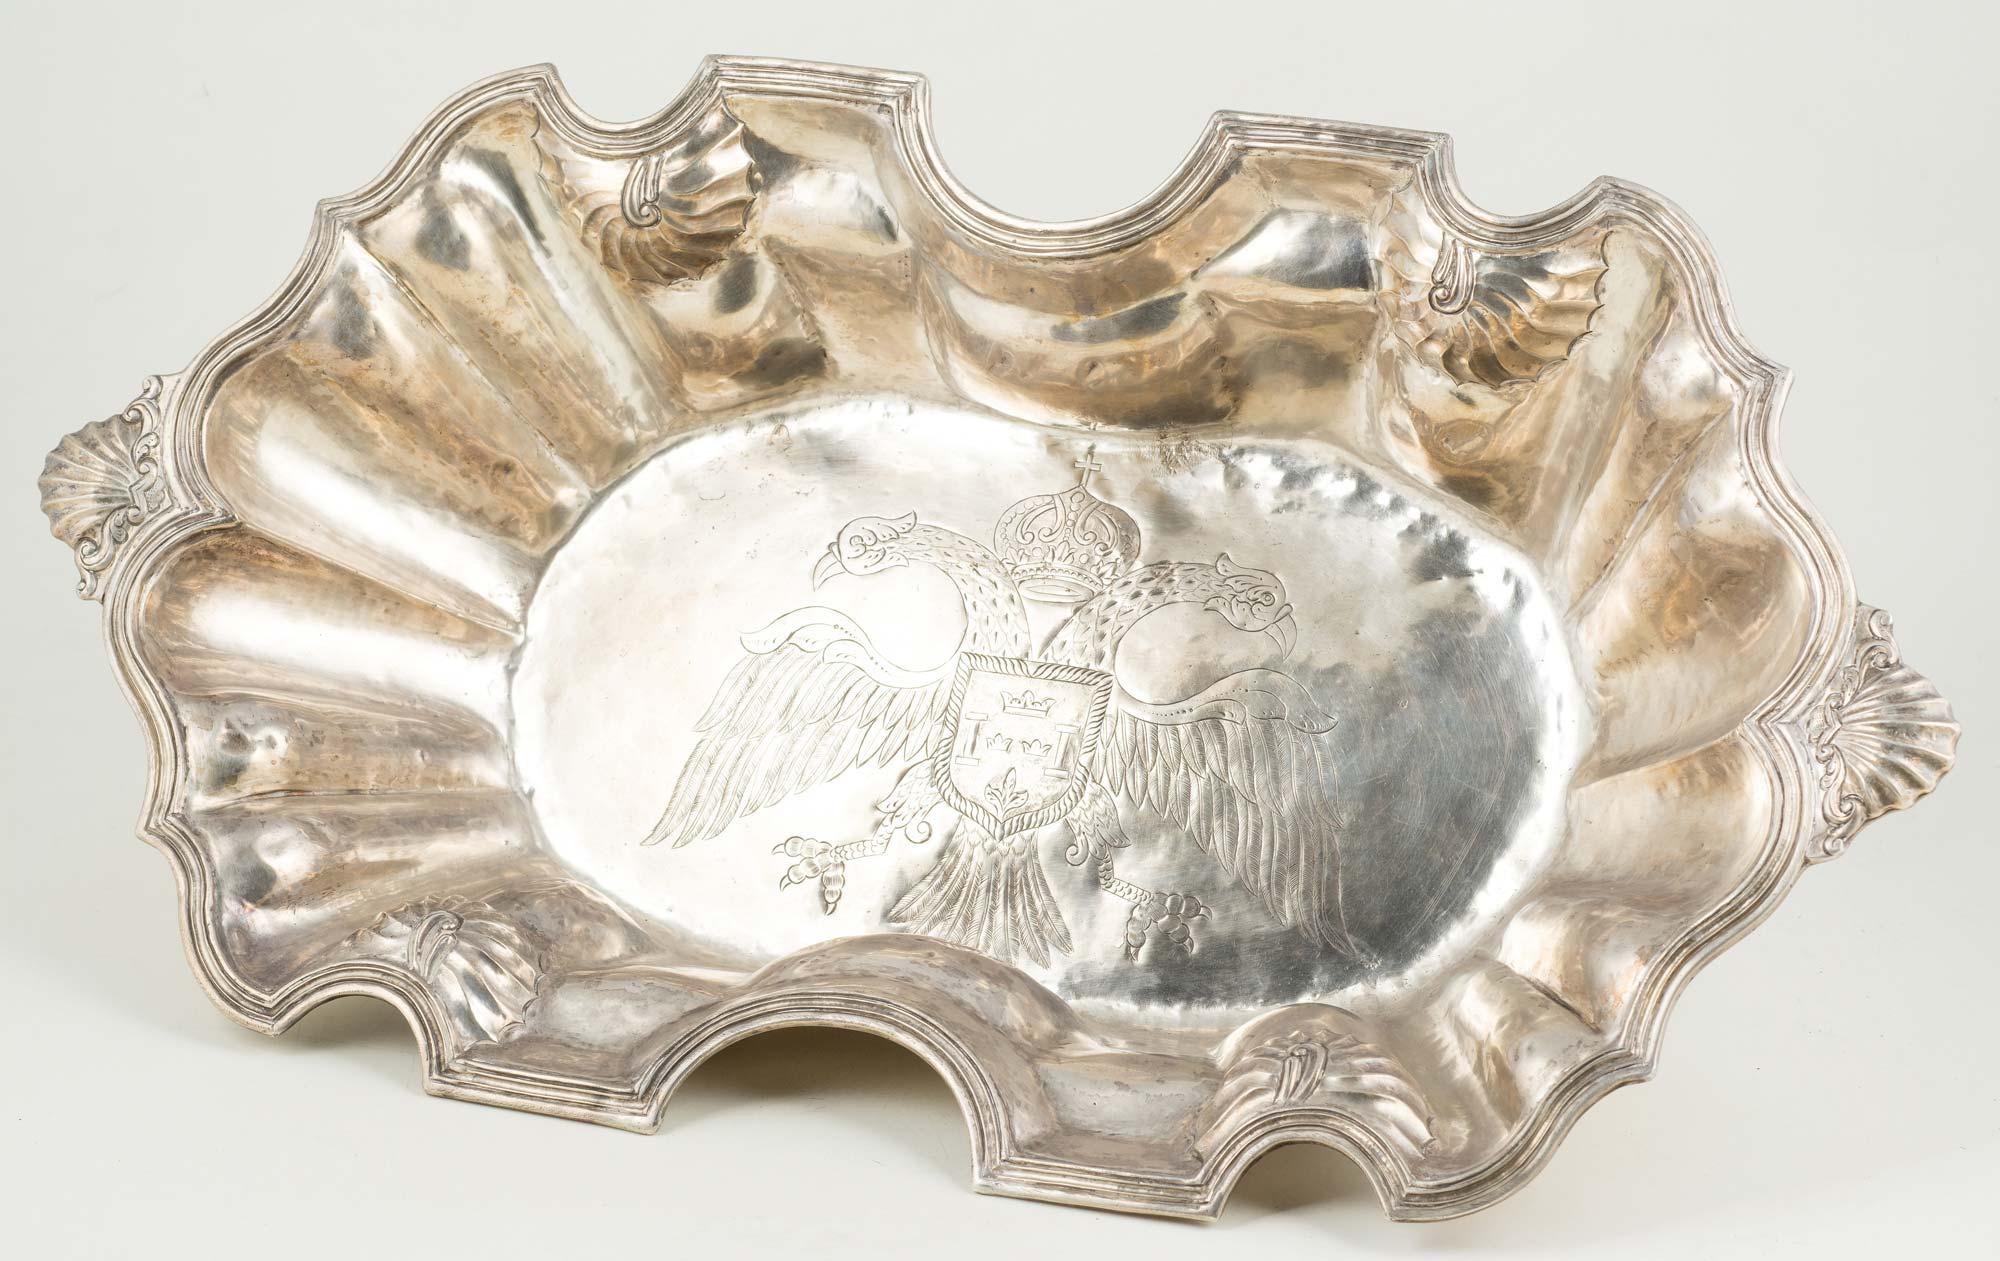 fl002_01Bacía-de-plata-repujada-y-cincelada.-Colonial-S.-XVII-XVIII.01